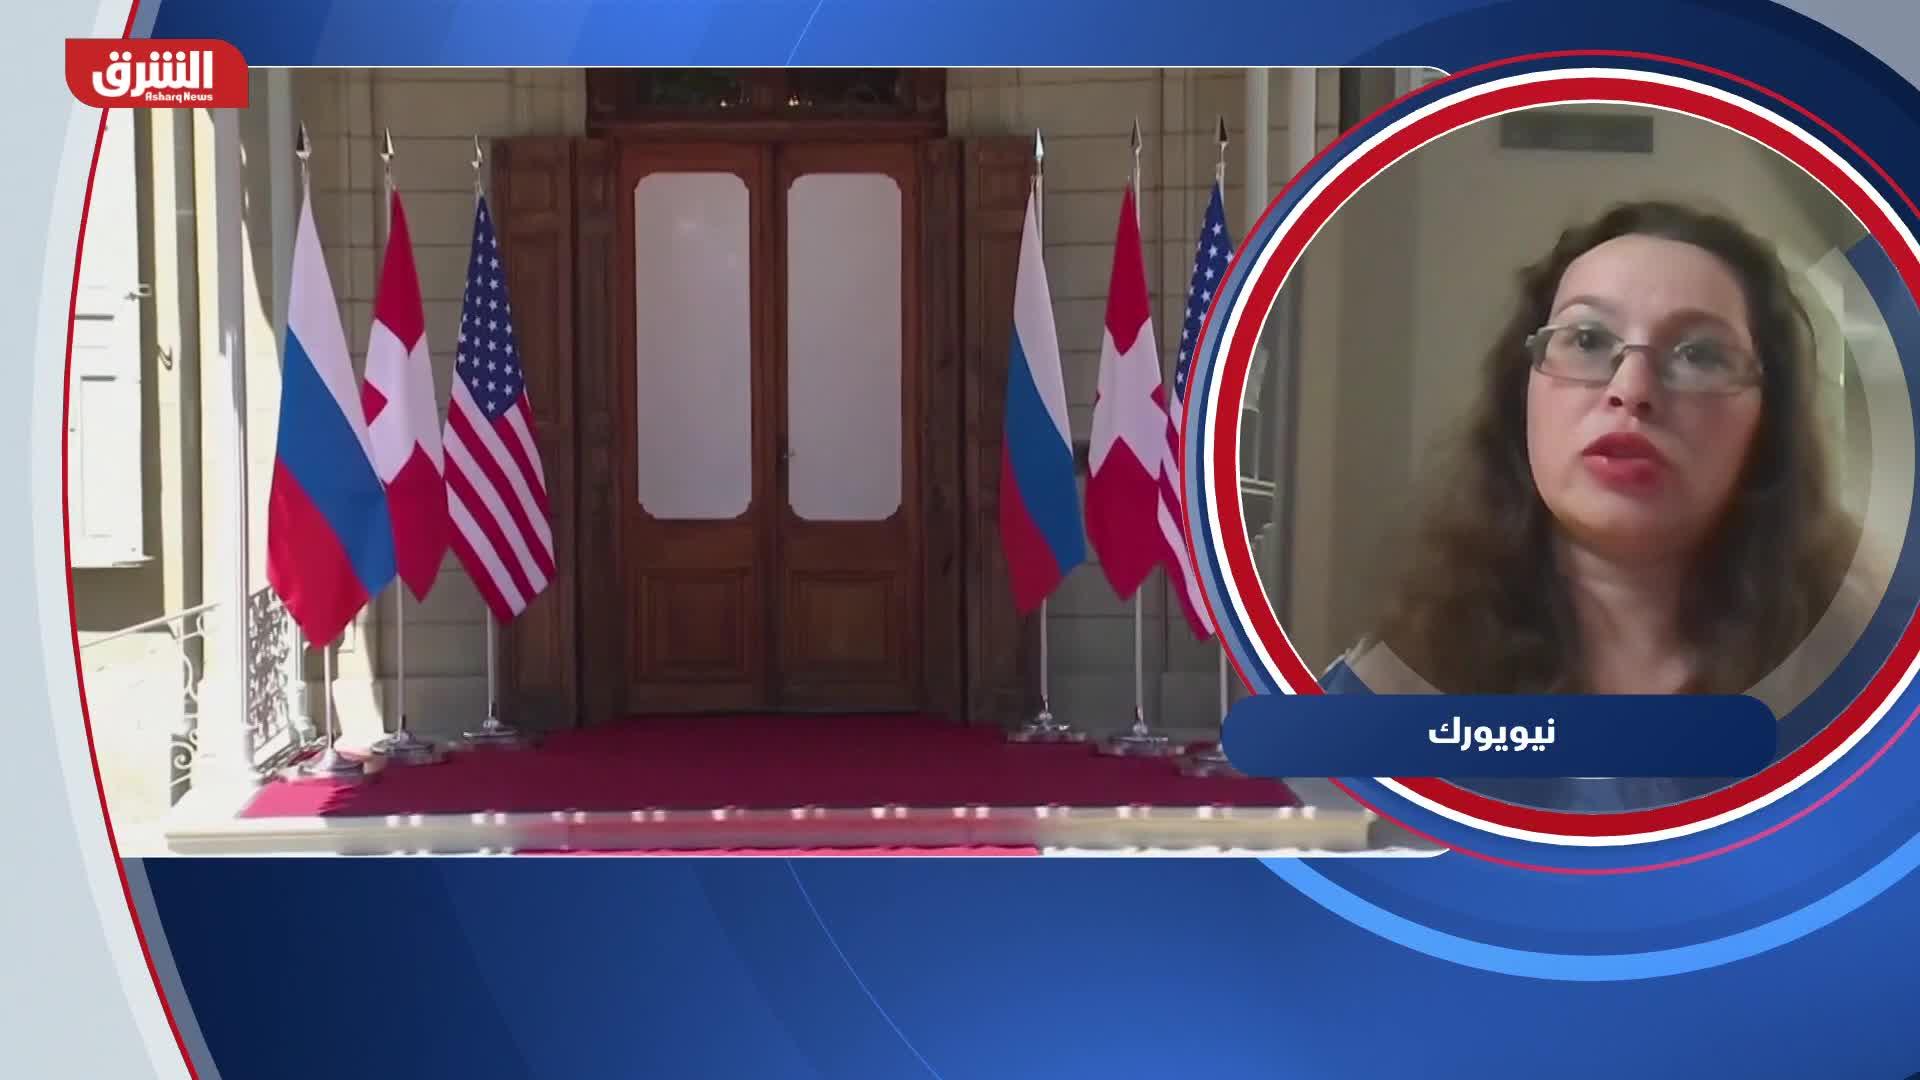 الكونجرس الأميركي يتأهب لفرض عقوبات على روسيا